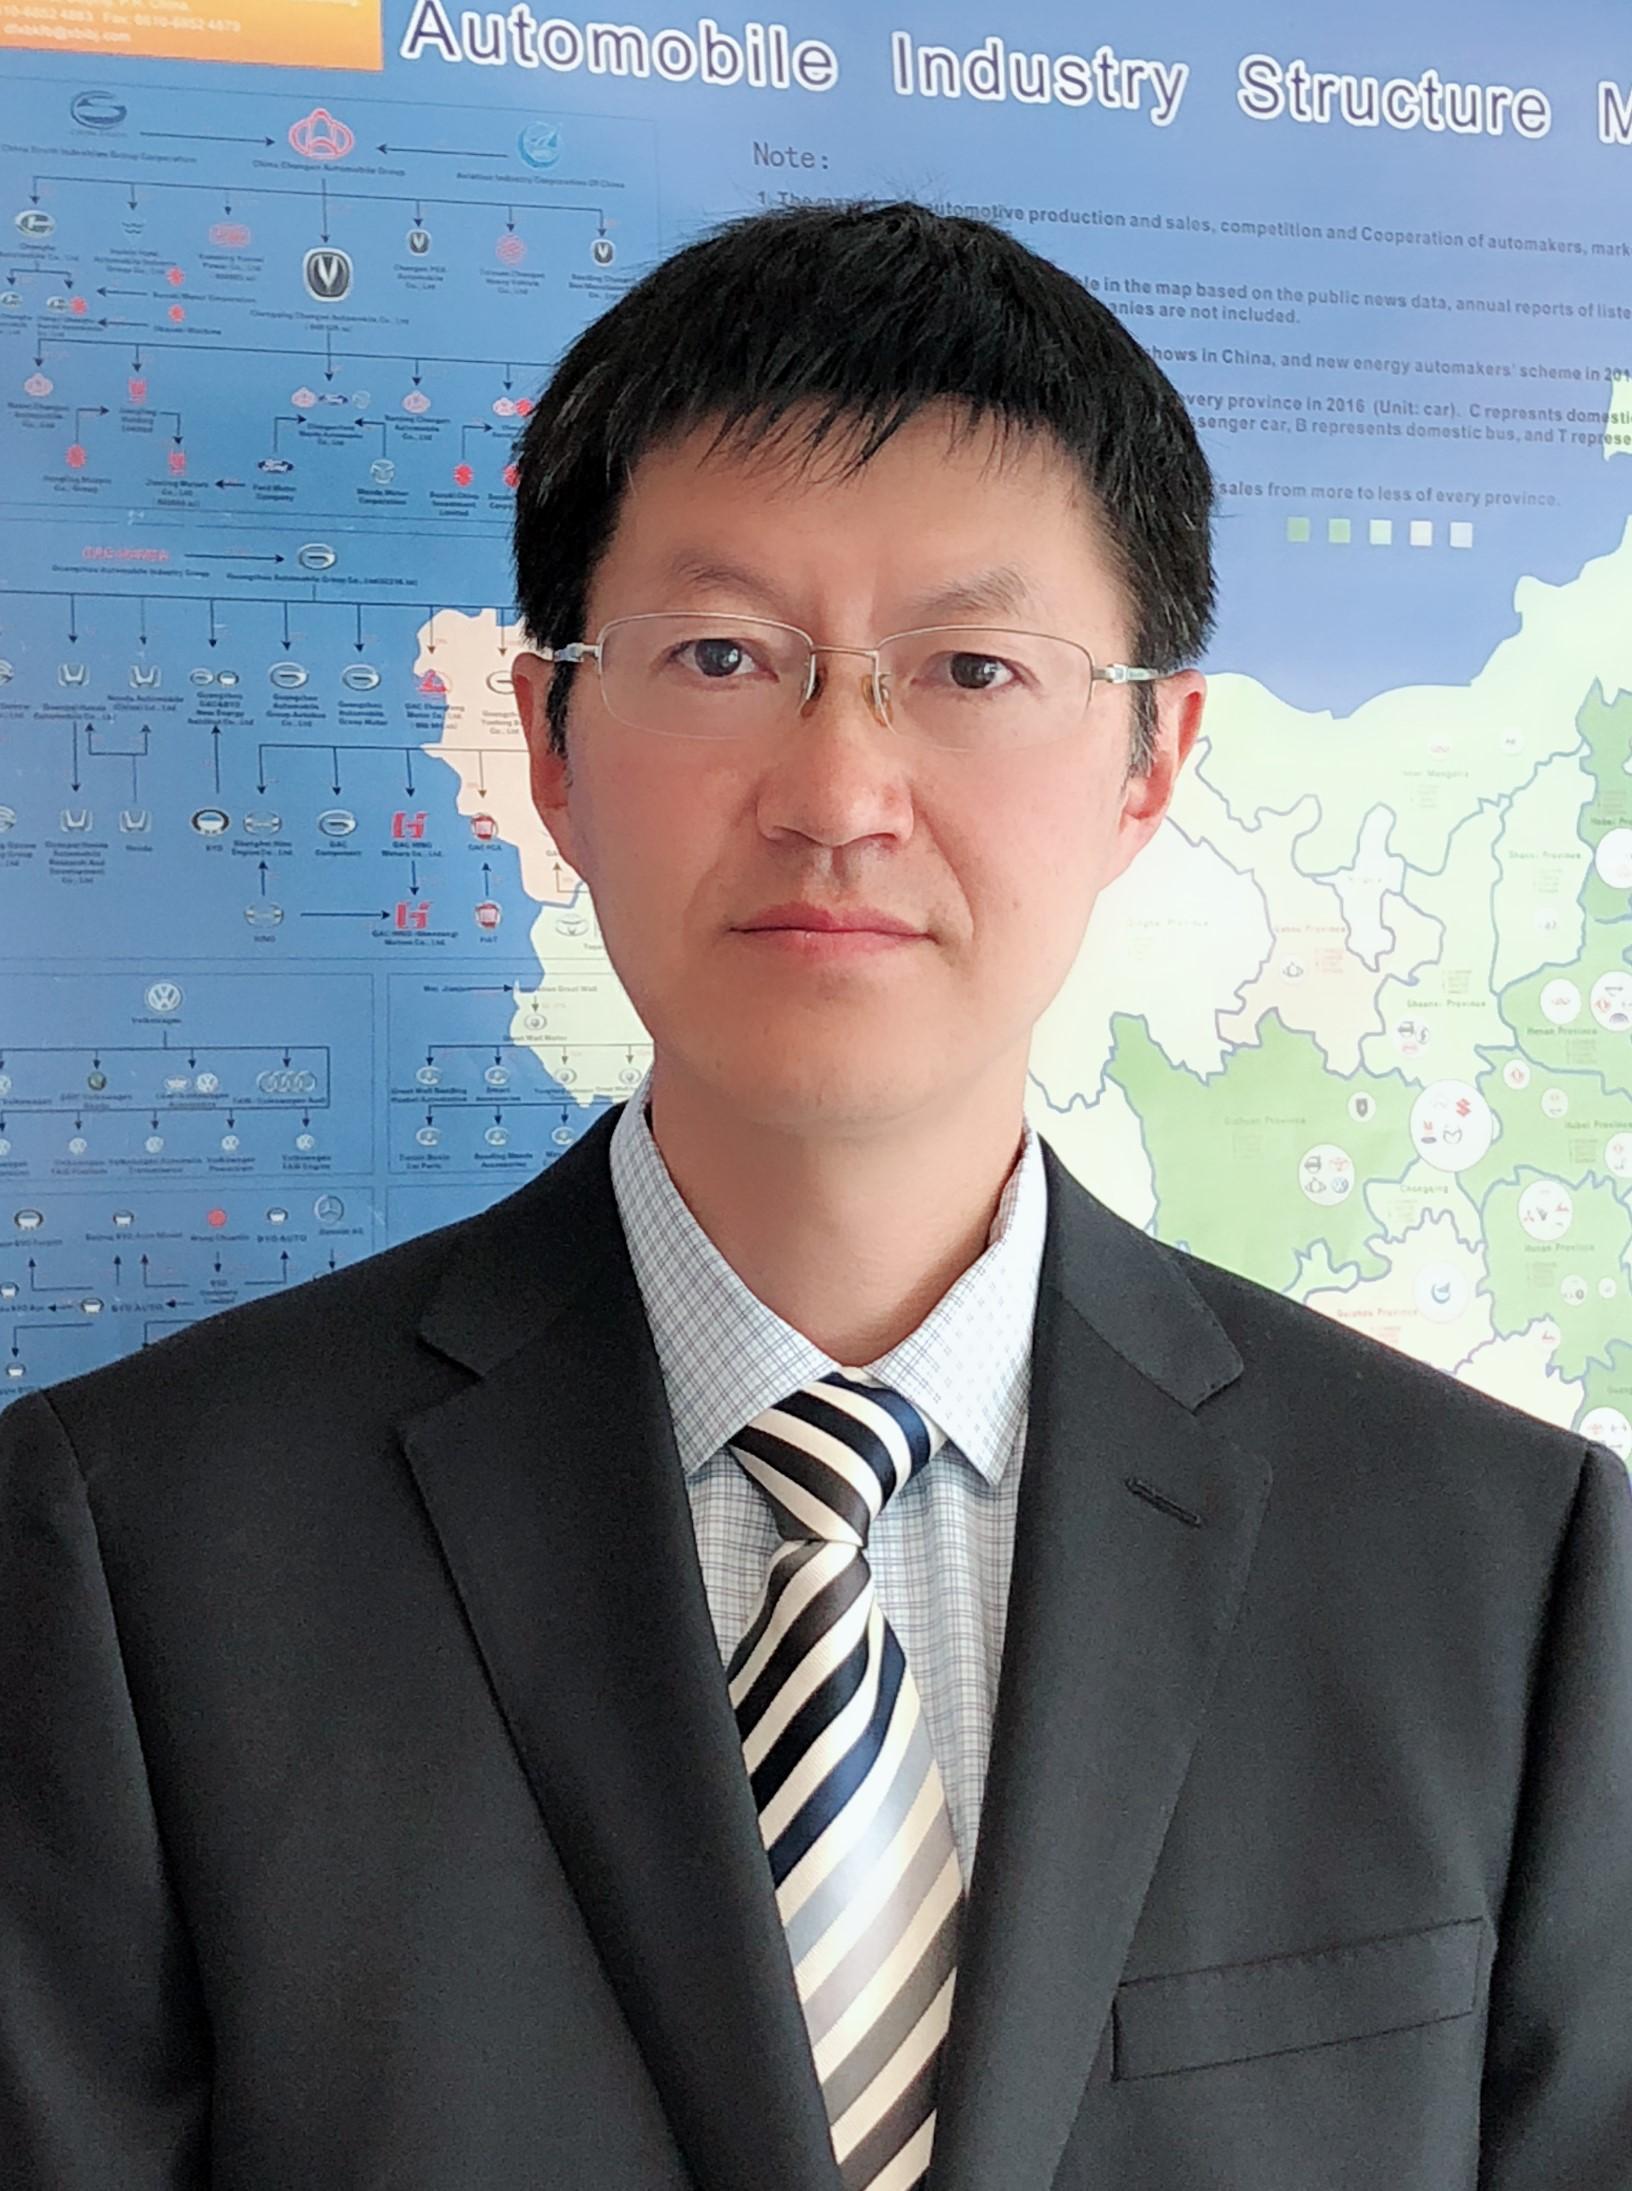 王鈺,富士通電子亞太地區產品管理部總經理